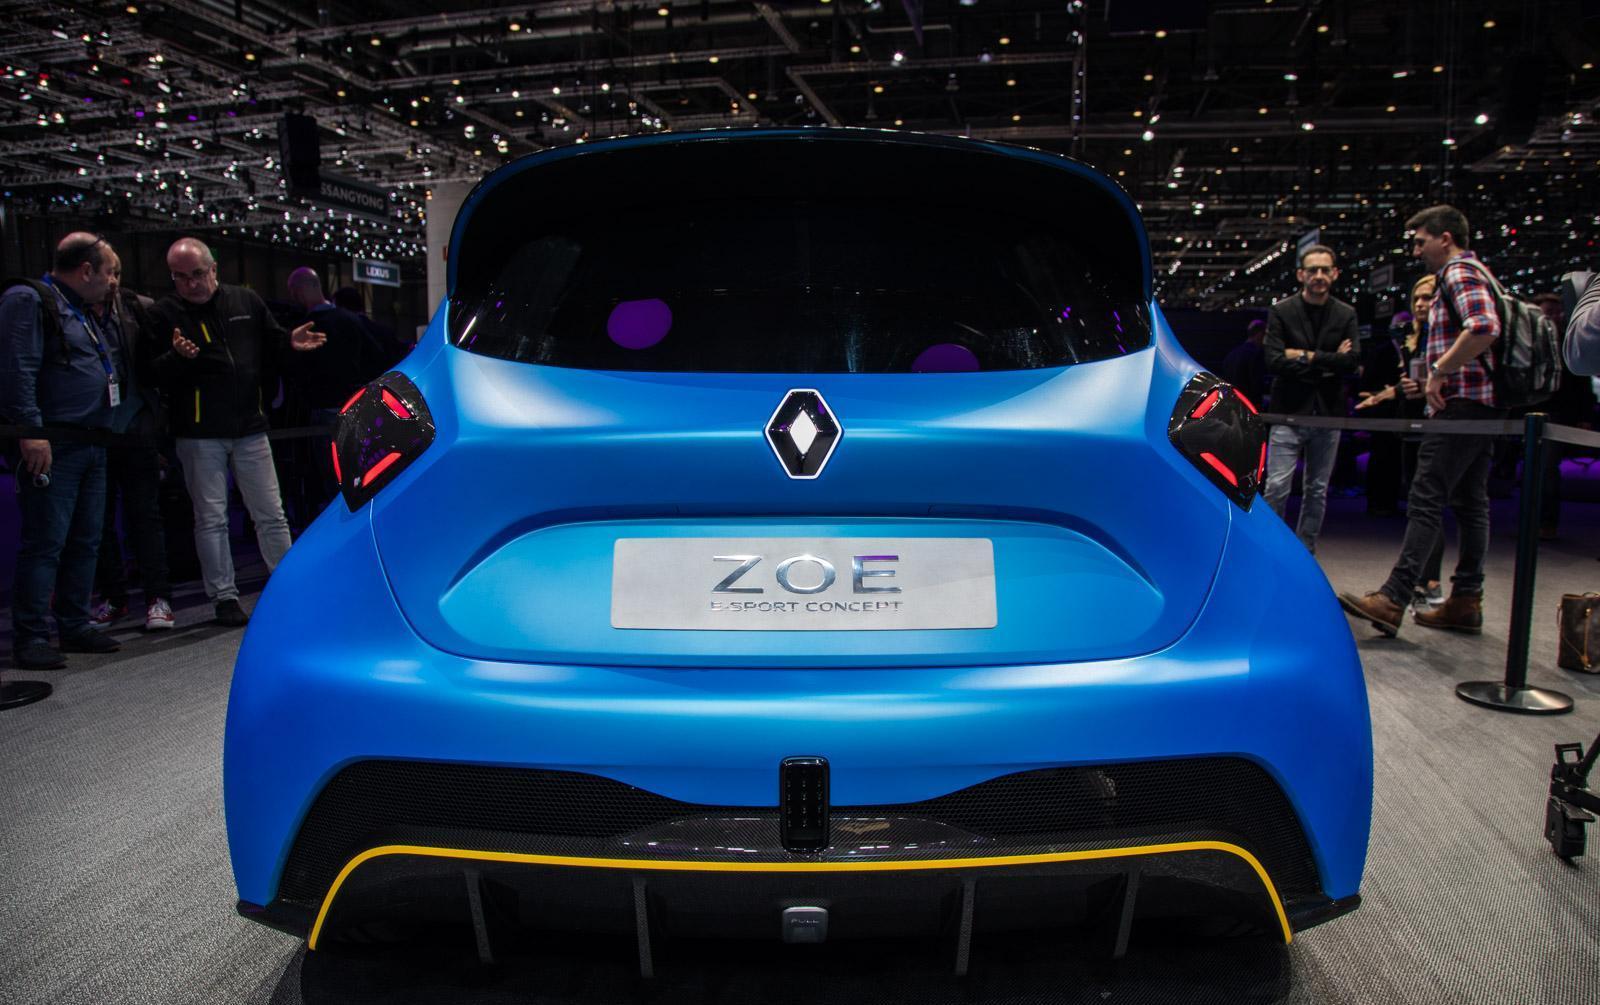 Renault-Zoe-E-Sport-Concept-004